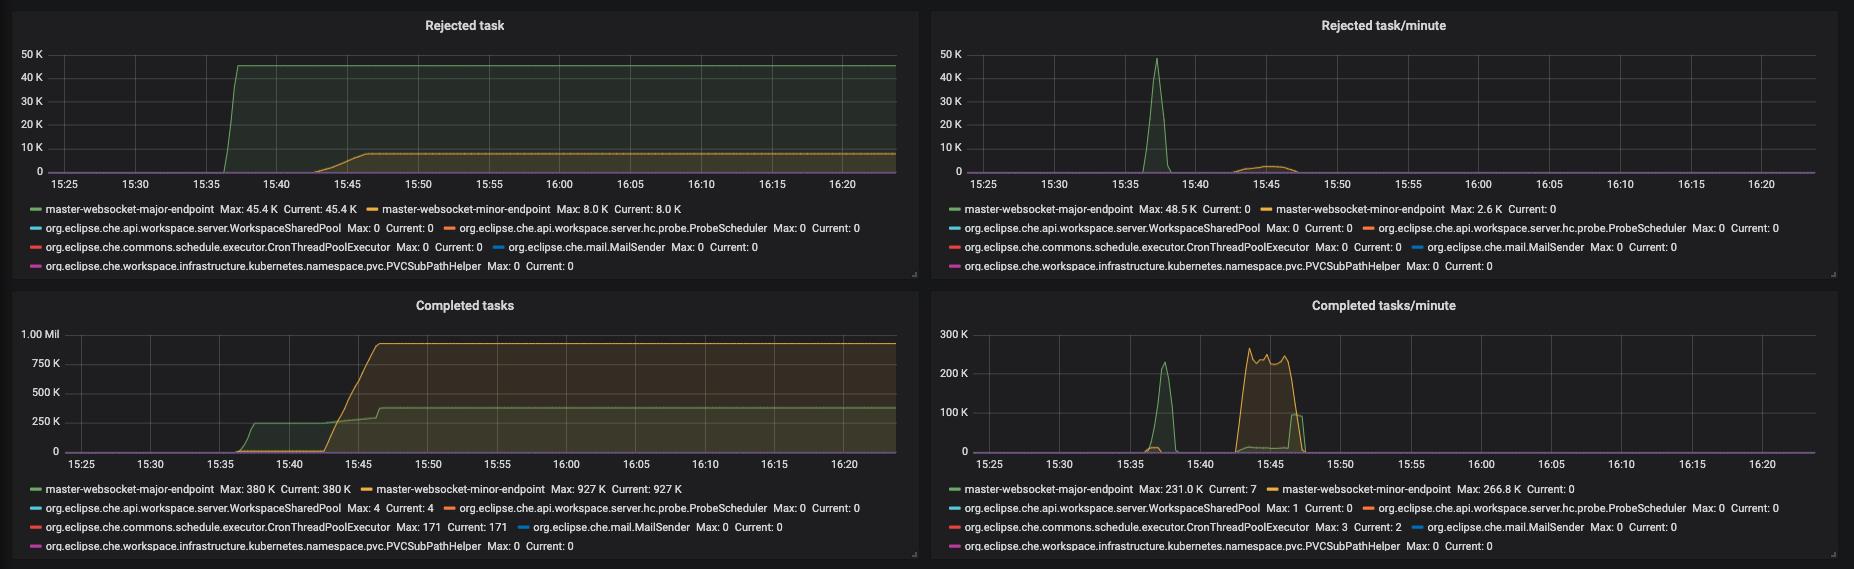 monitoring che che server dashboard executors panel 3